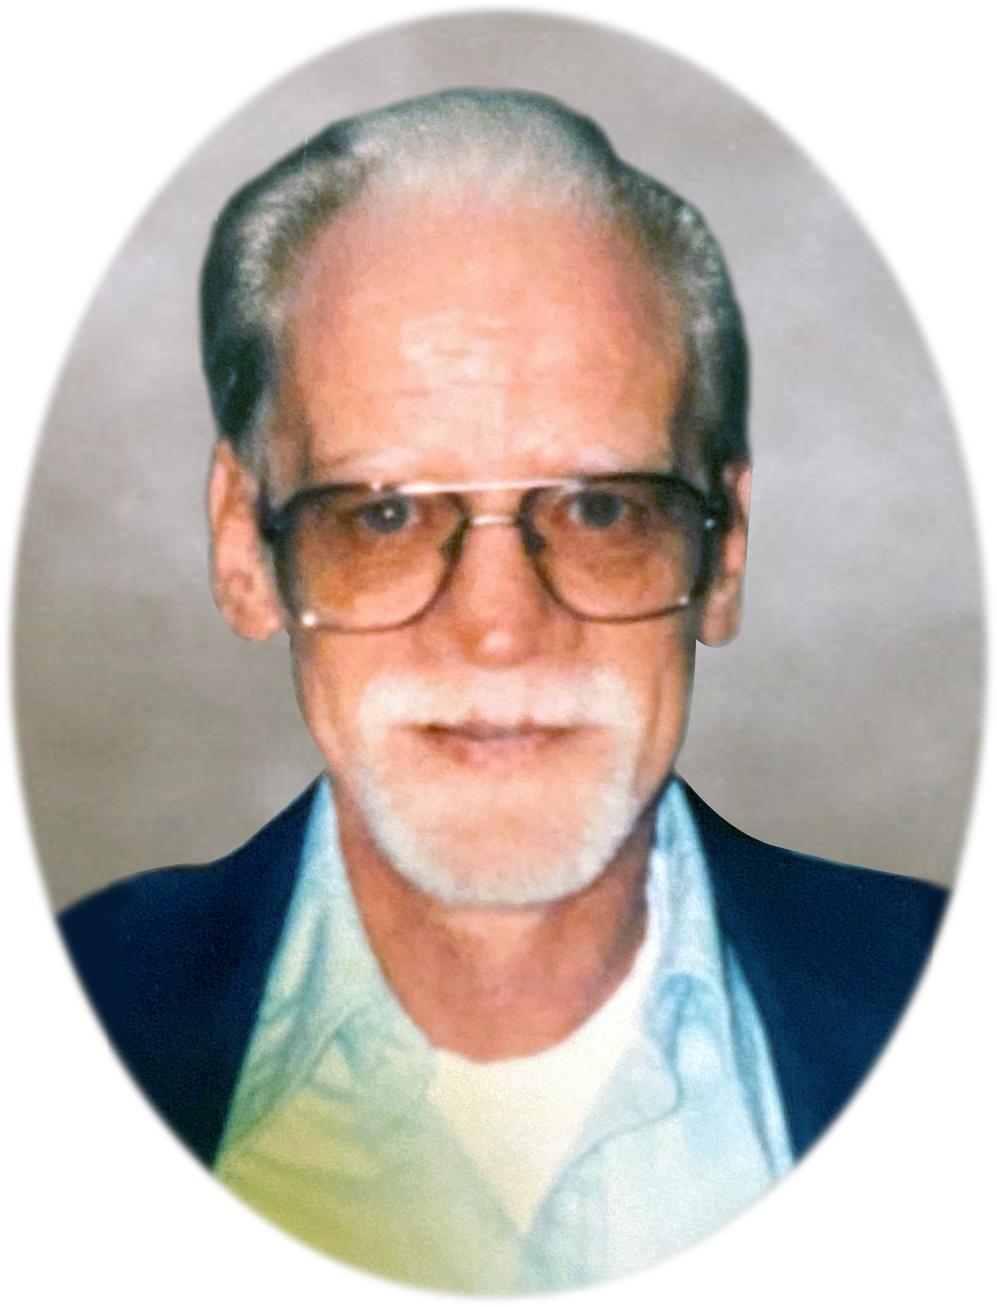 William T. Priest, II